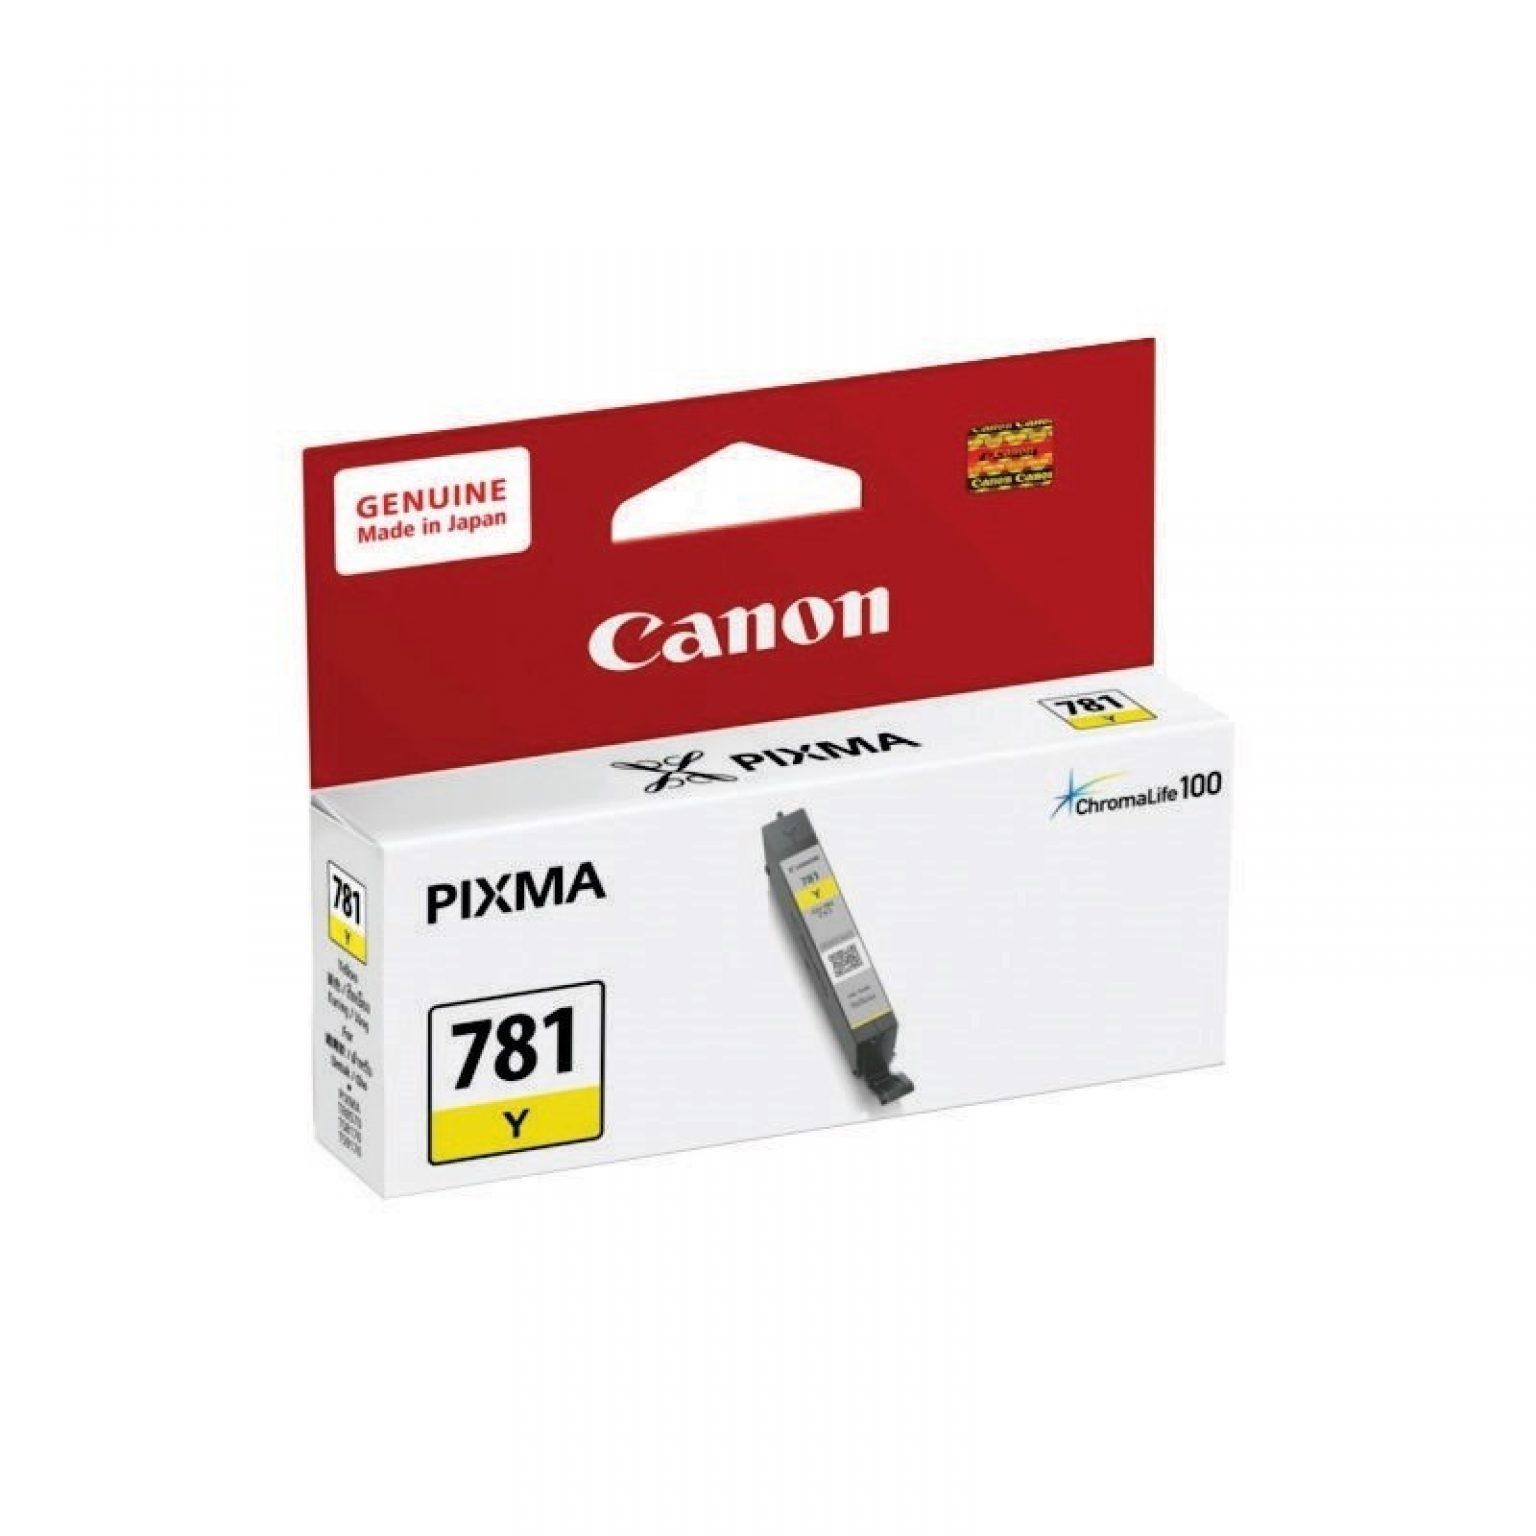 CANON - Ink Cartridge CLI-781 Yellow [CLI-781 Y]